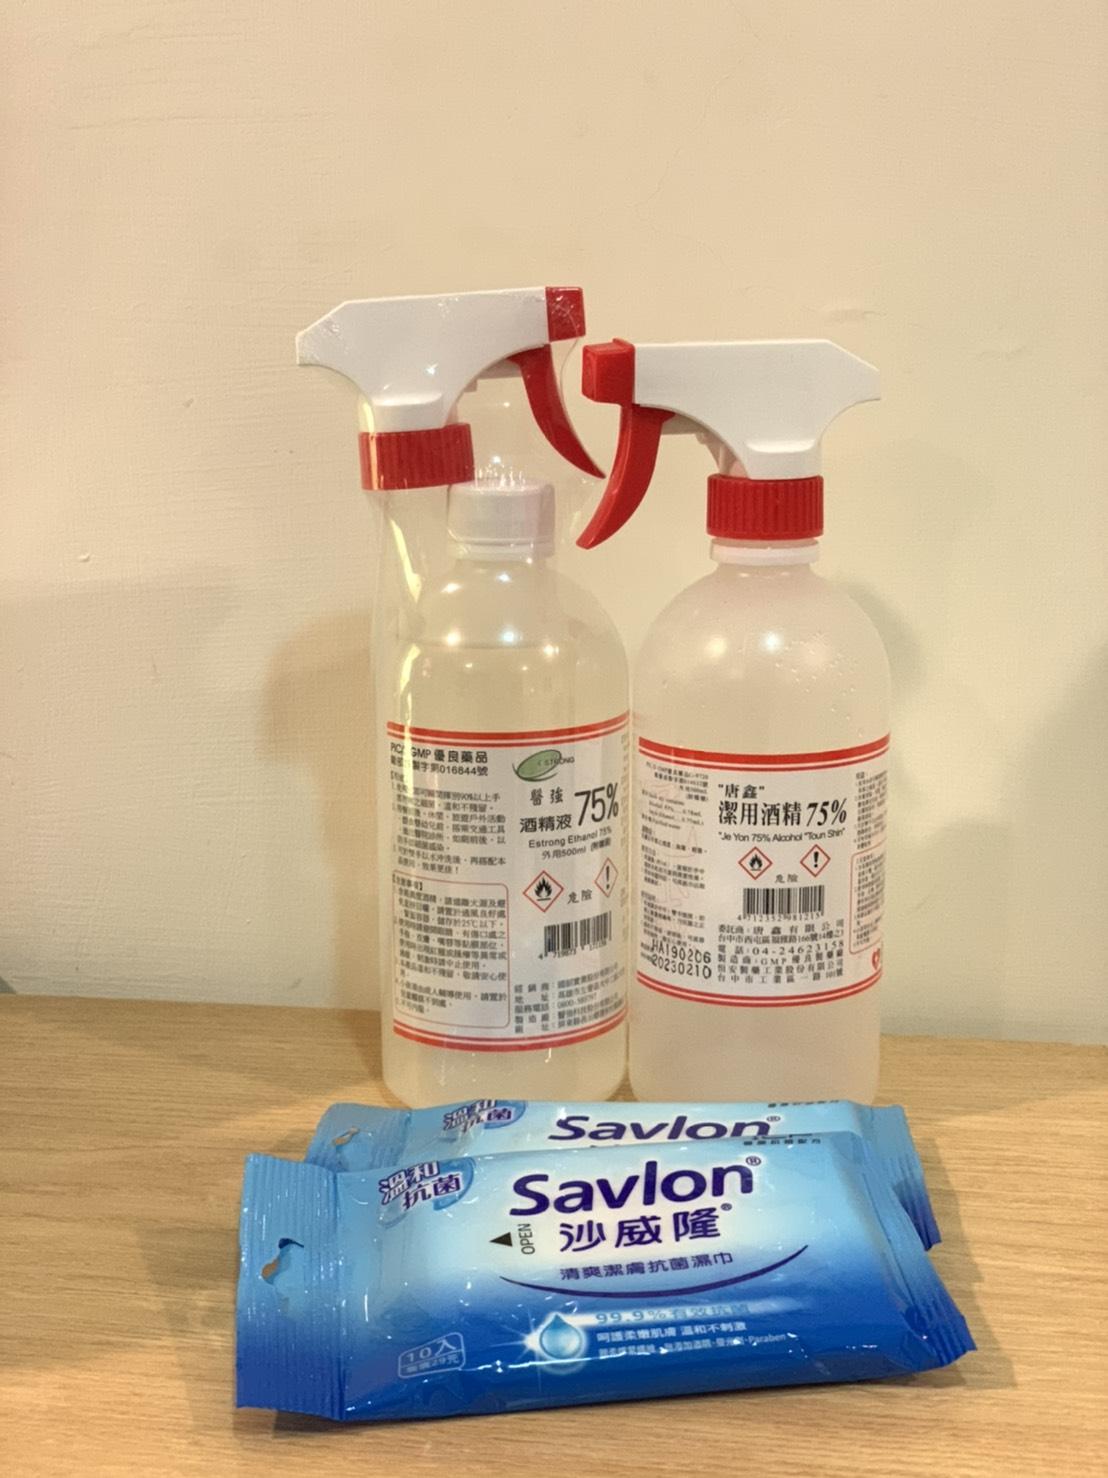 兩瓶消毒酒精與除菌濕紙巾